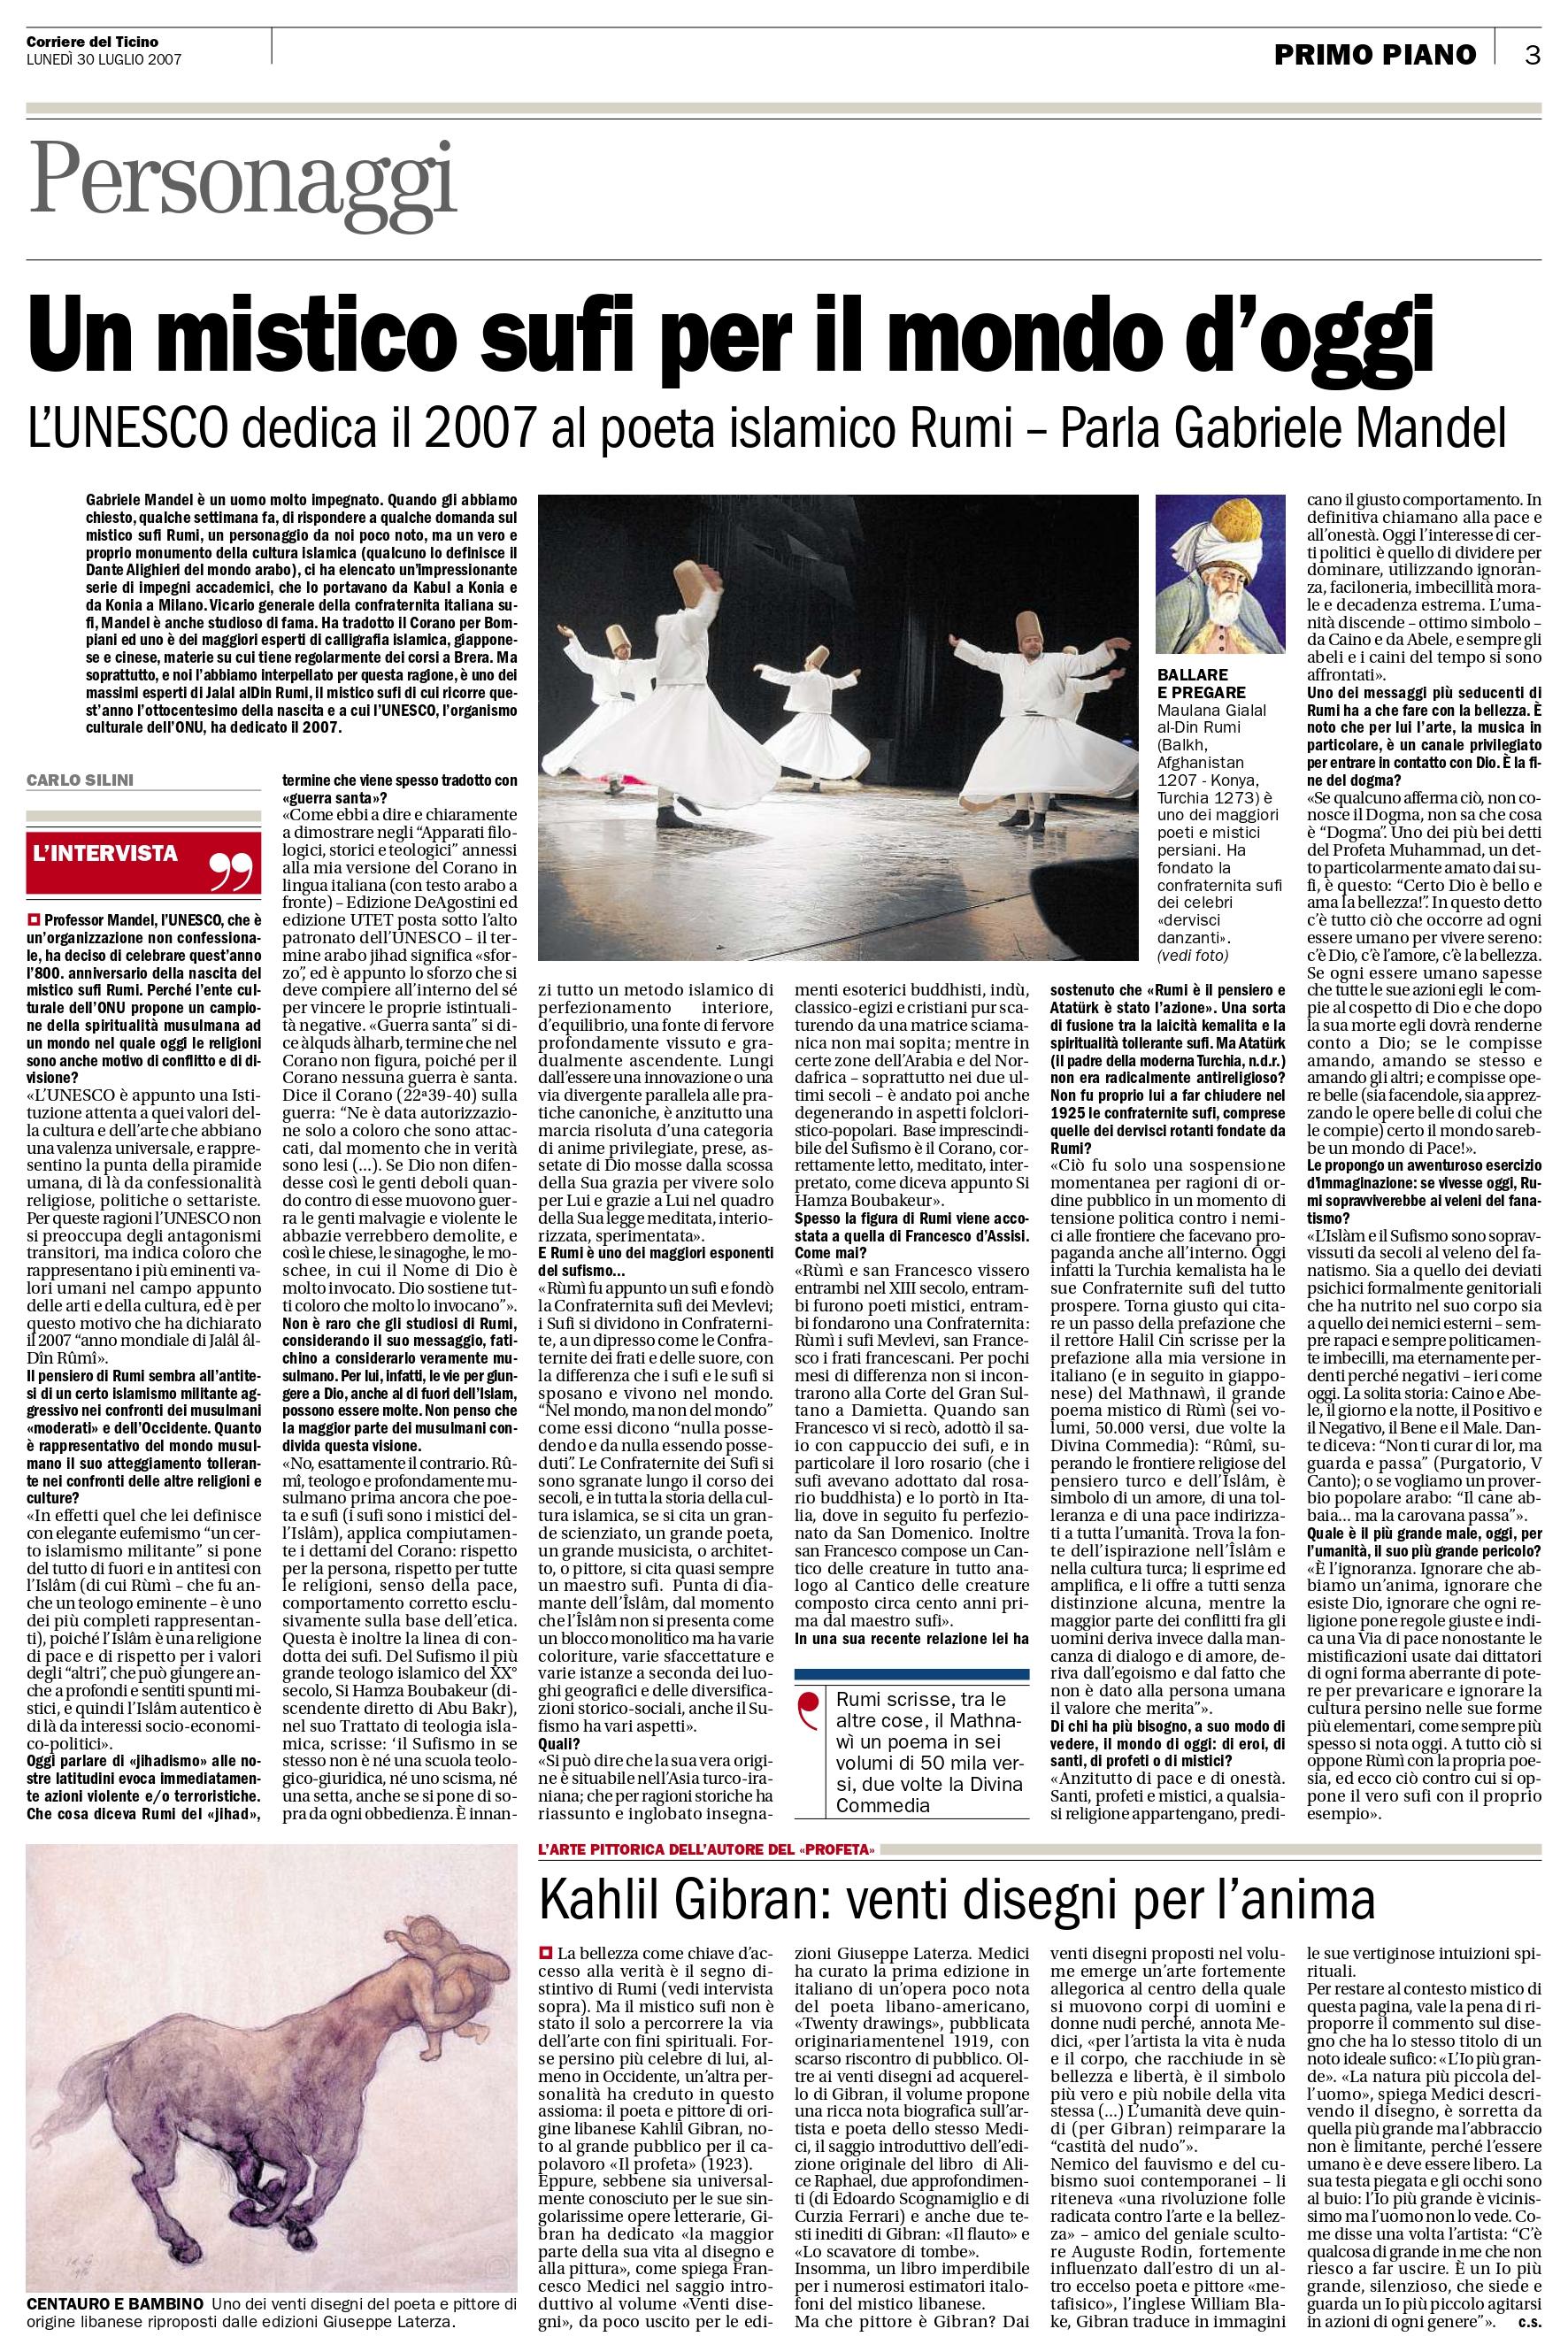 """Carlo Silini, """"Kahlil Gibran: venti disegni per l'anima"""", Corriere del Ticino, Jul 30, 2007, p. 3 (review)"""